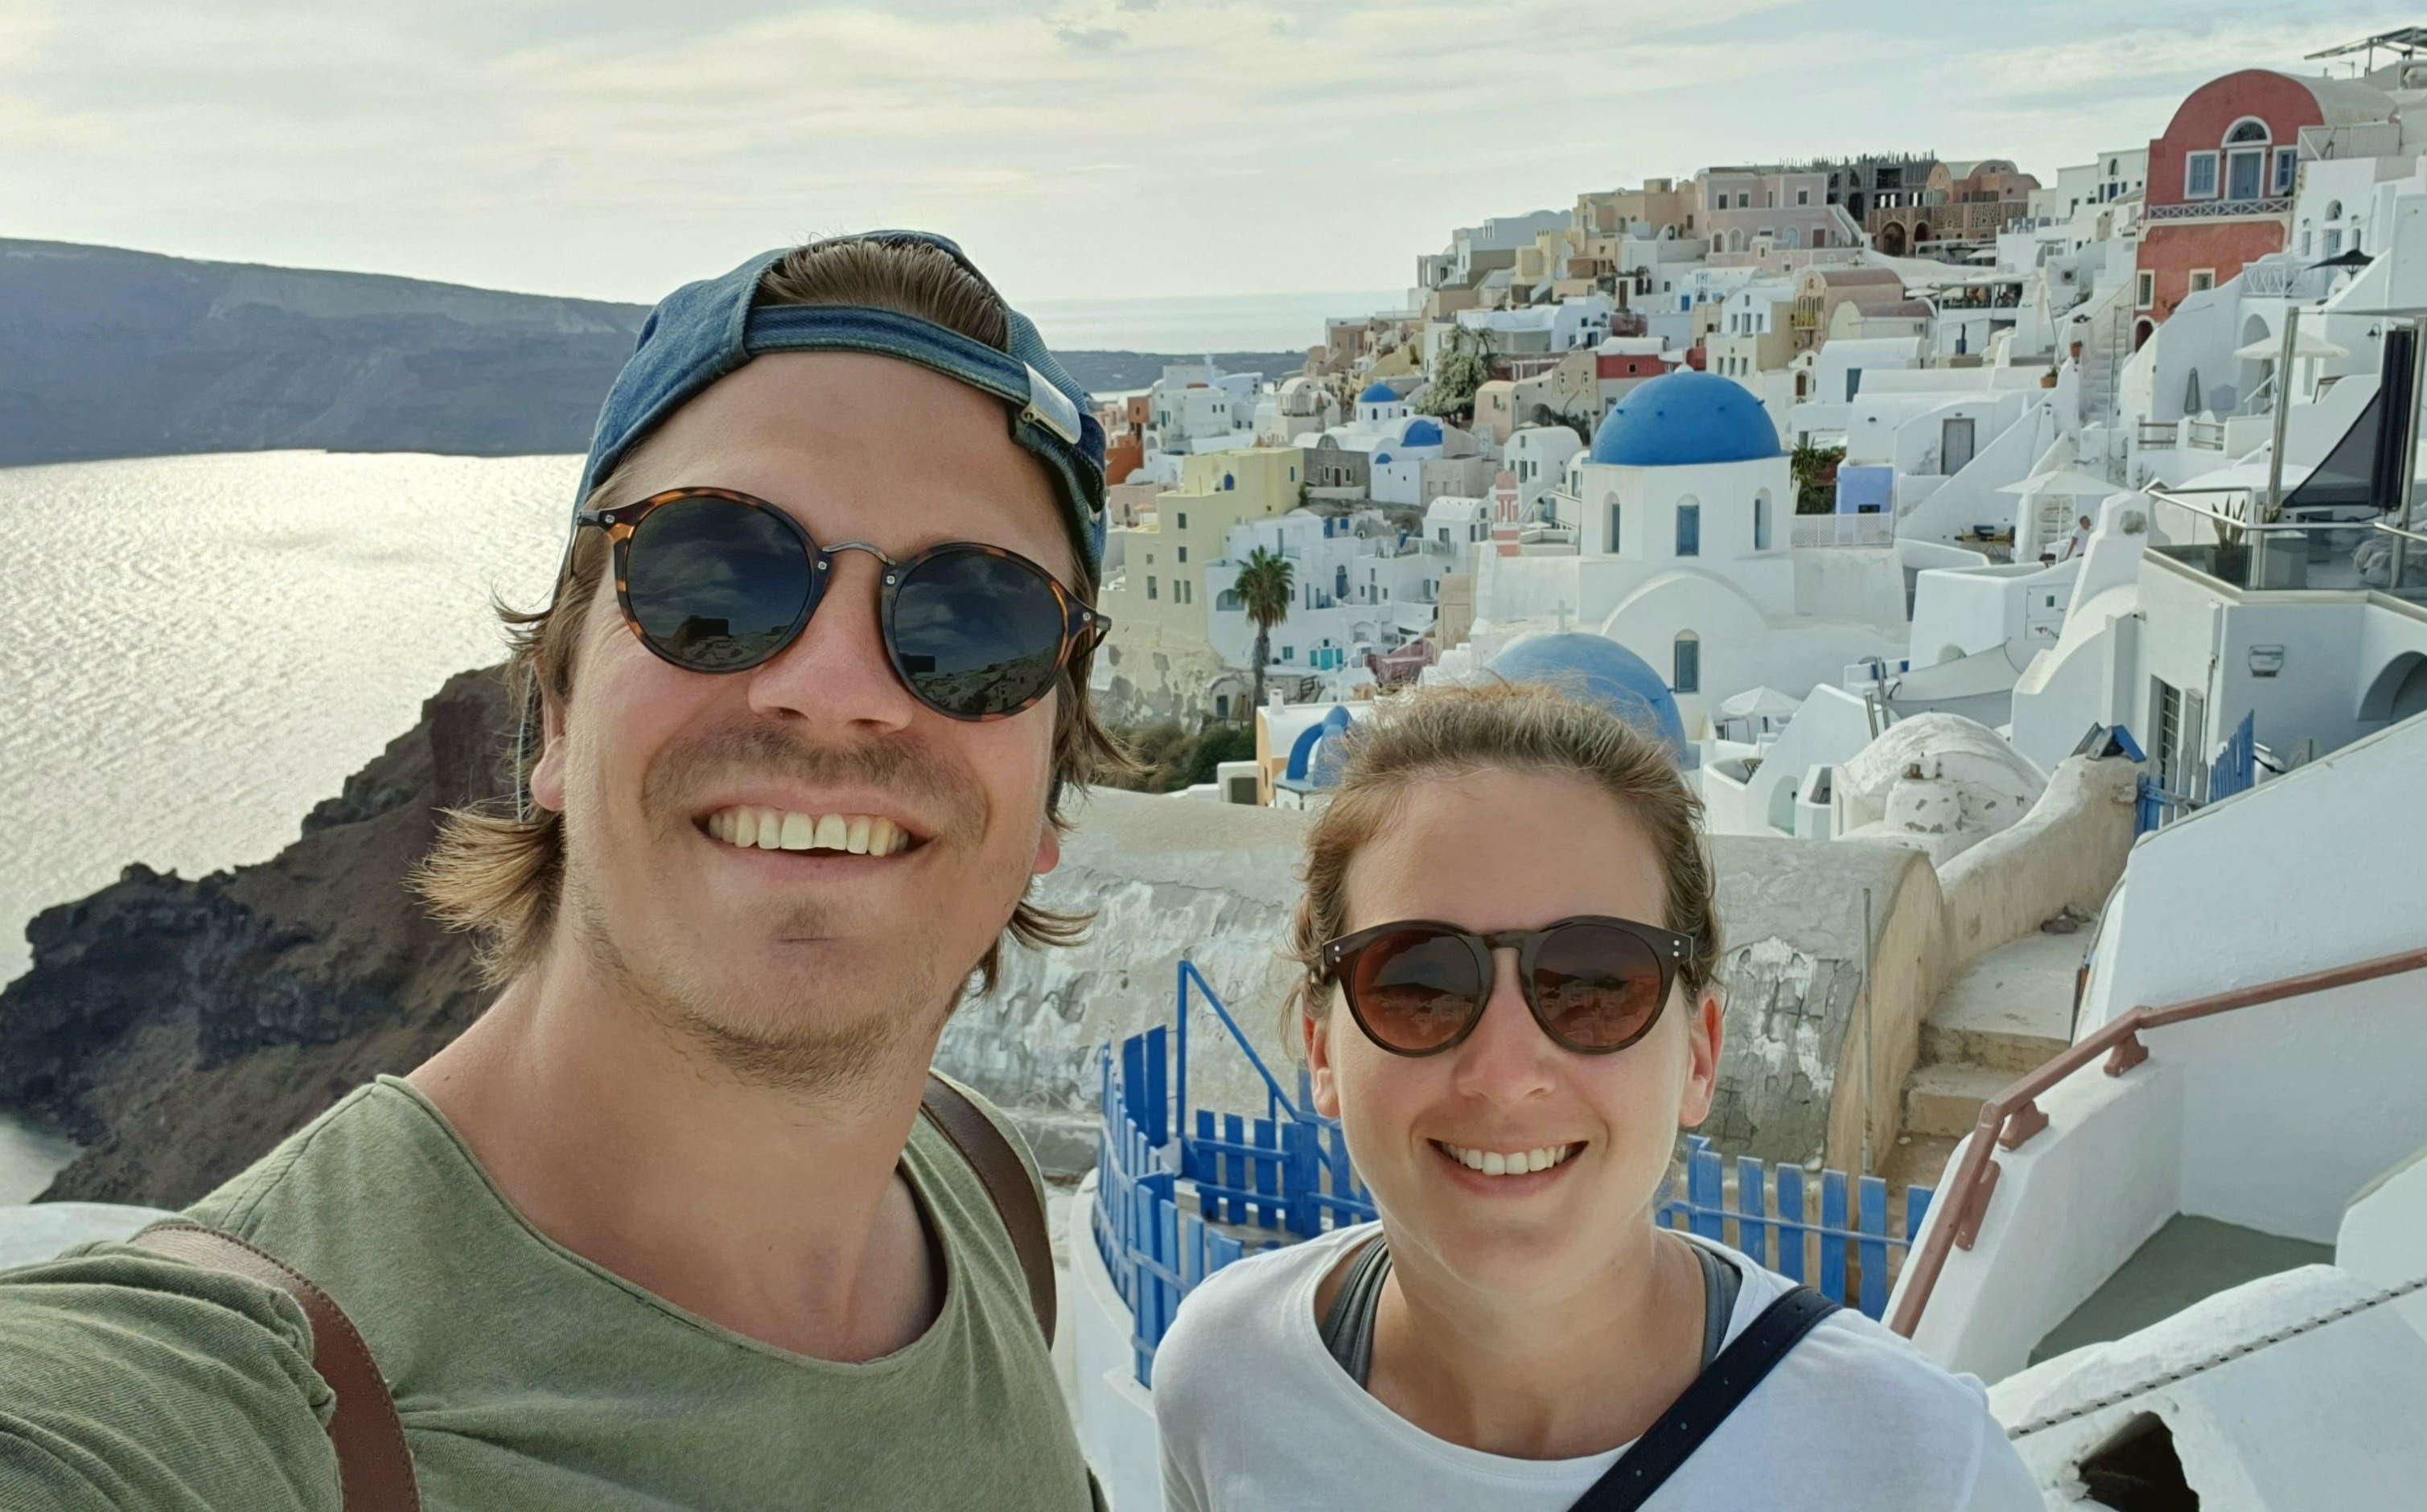 19. Oktober 2020, Griechenland: Selfie vor den typischen weissen Häusern mit blauen Dächern in Oia.